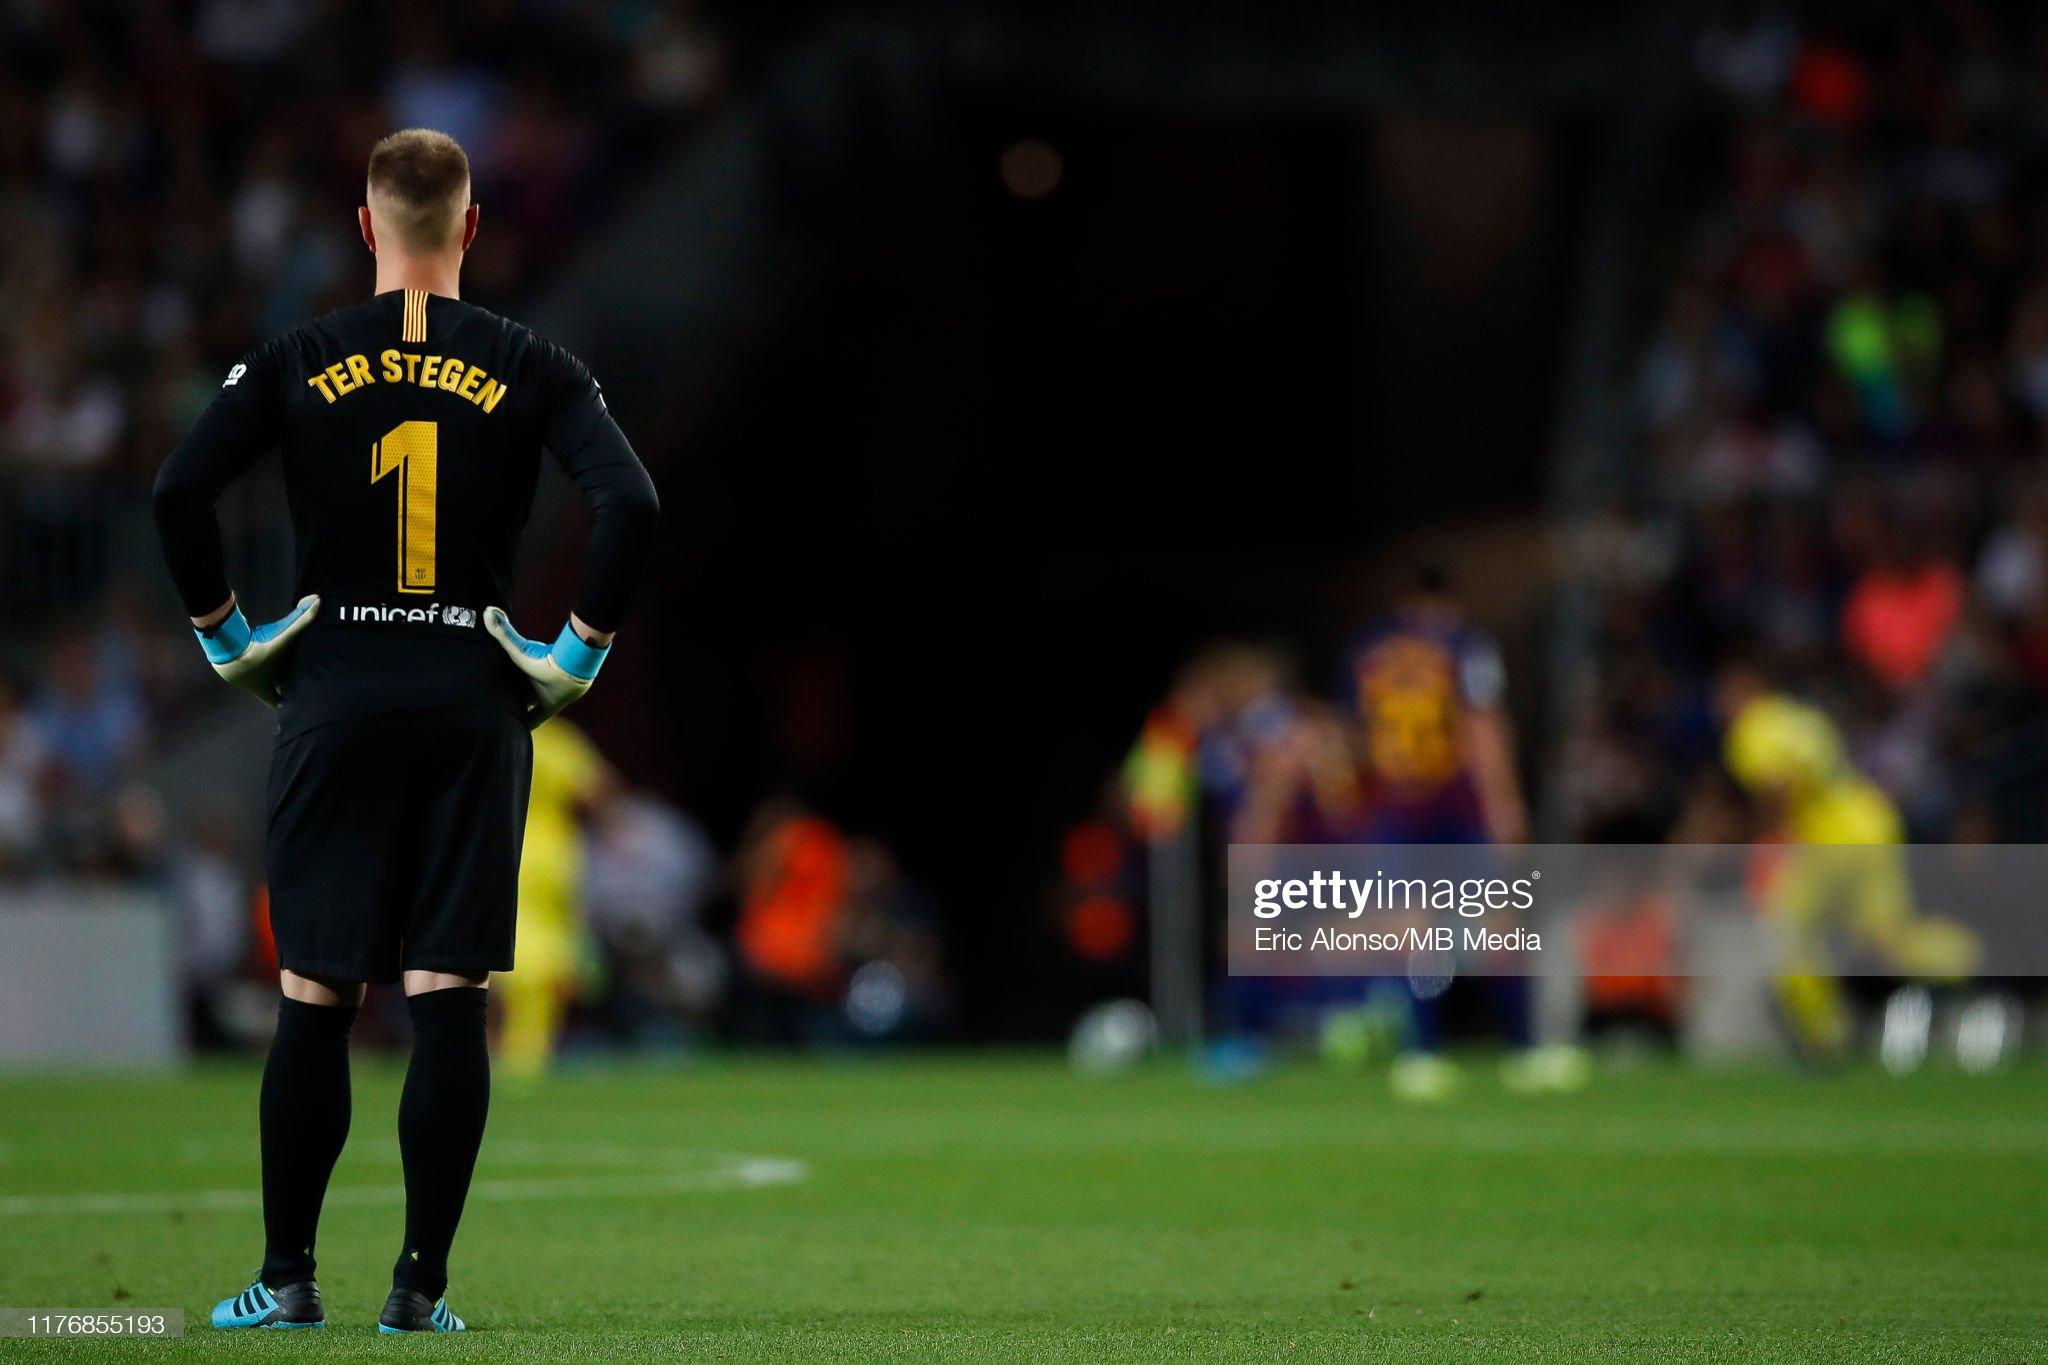 صور مباراة : برشلونة - فياريال 2-1 ( 24-09-2019 )  Marc-andre-ter-stegen-follows-the-action-during-the-liga-match-fc-picture-id1176855193?s=2048x2048